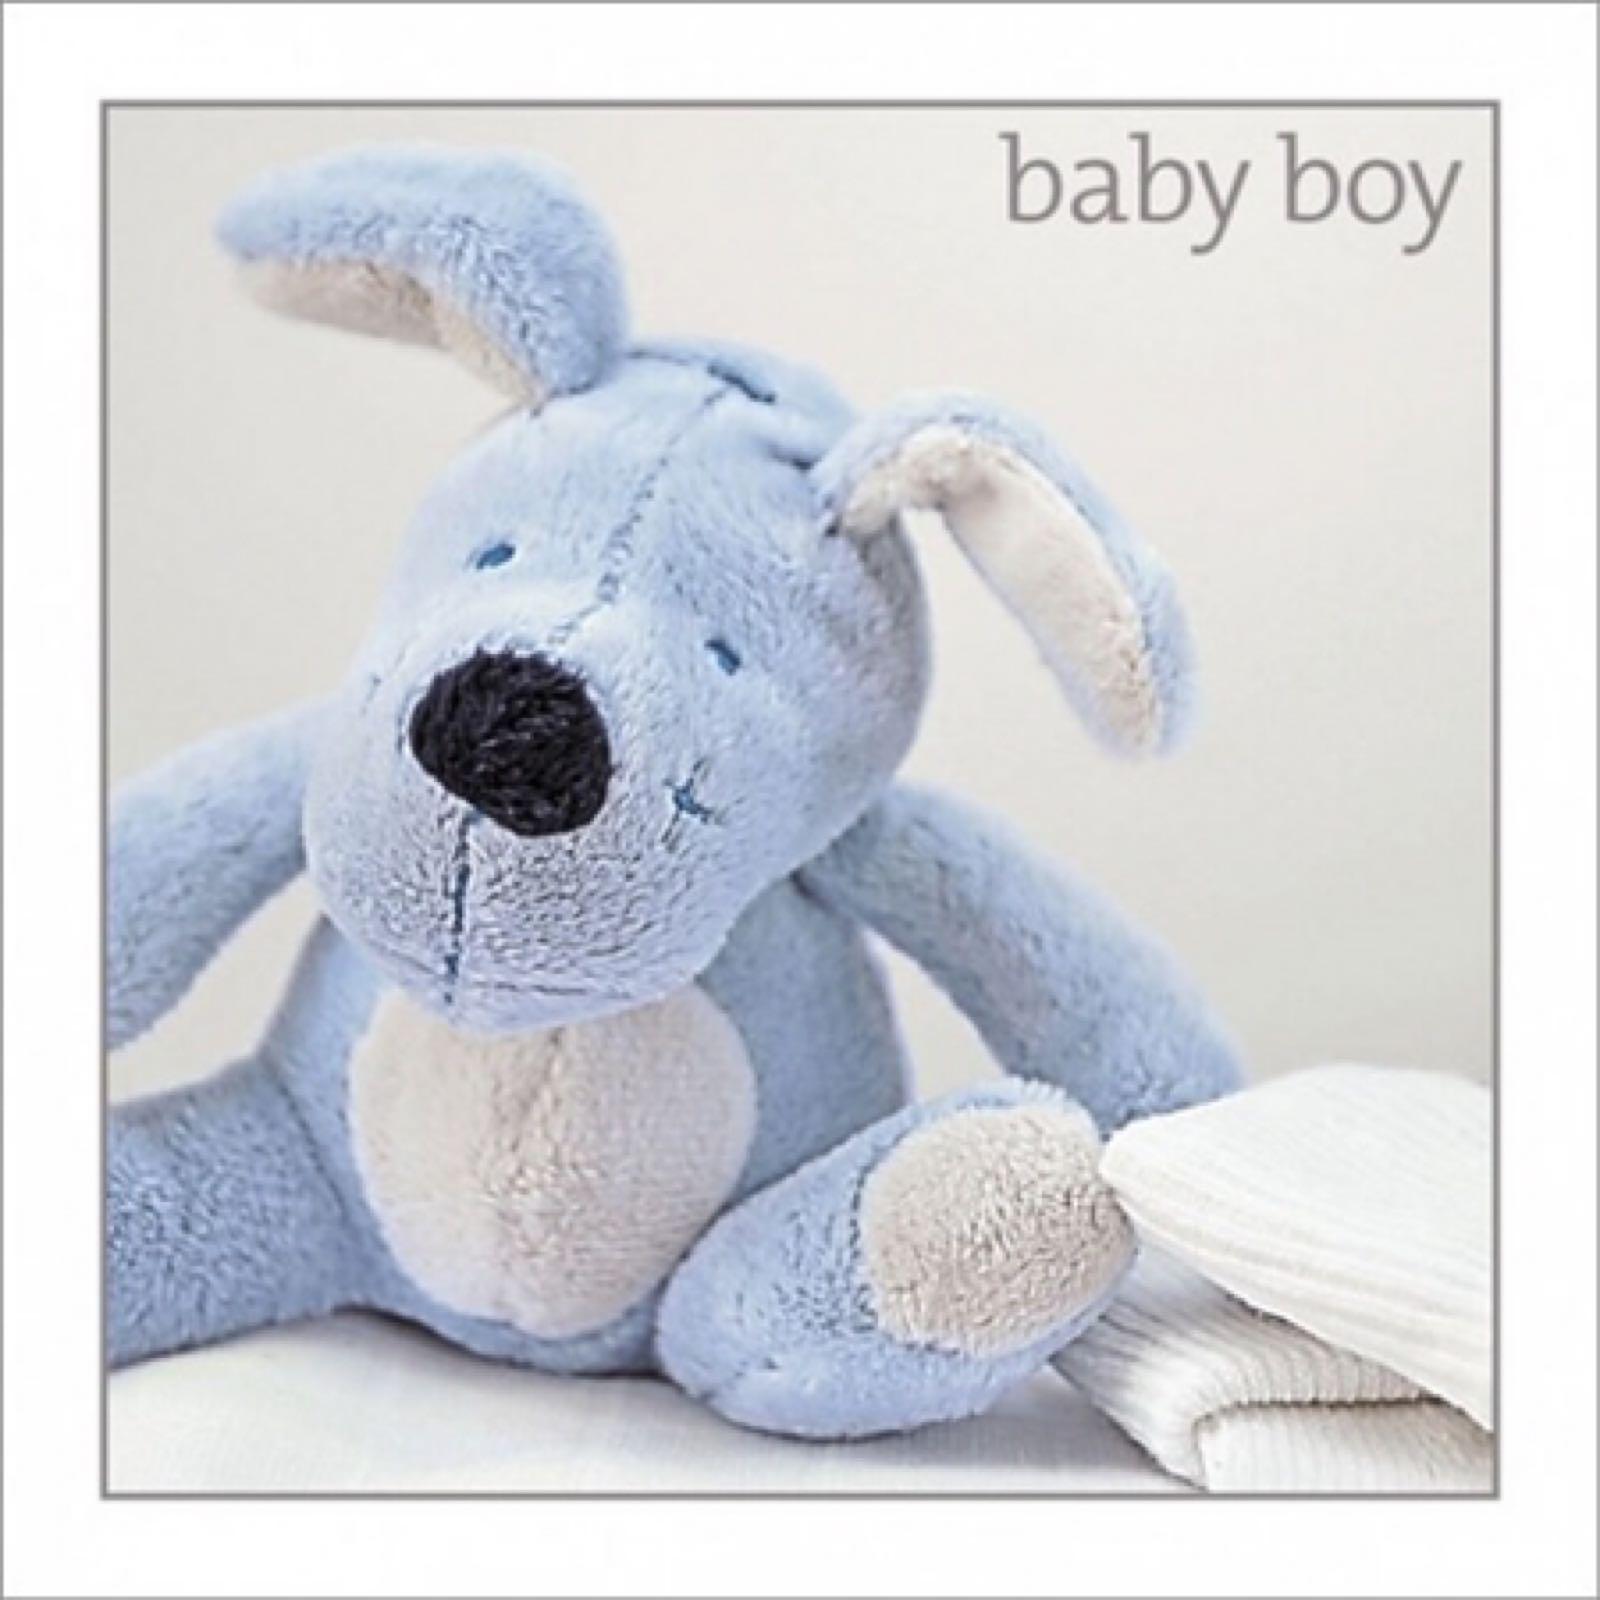 'Baby Boy' Silver Edition Card